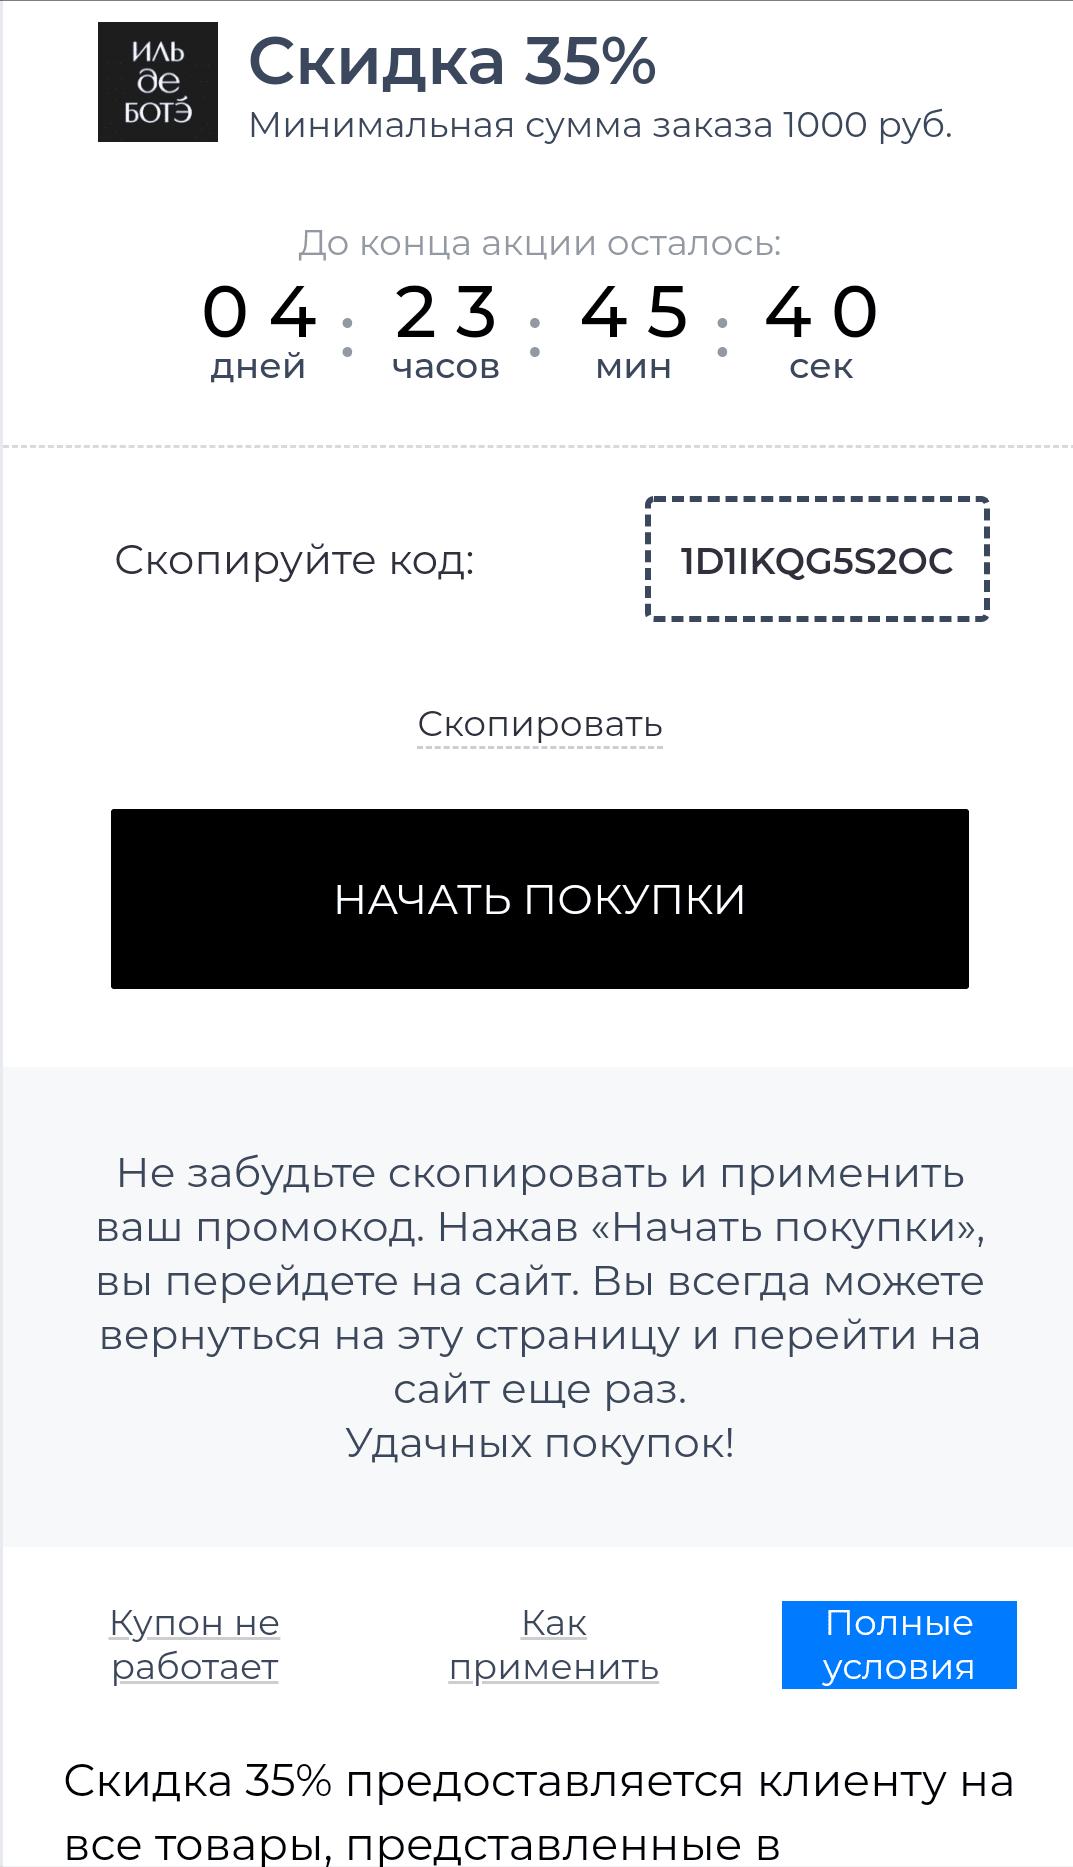 upload_2020_10_23_18_53_21_356.png